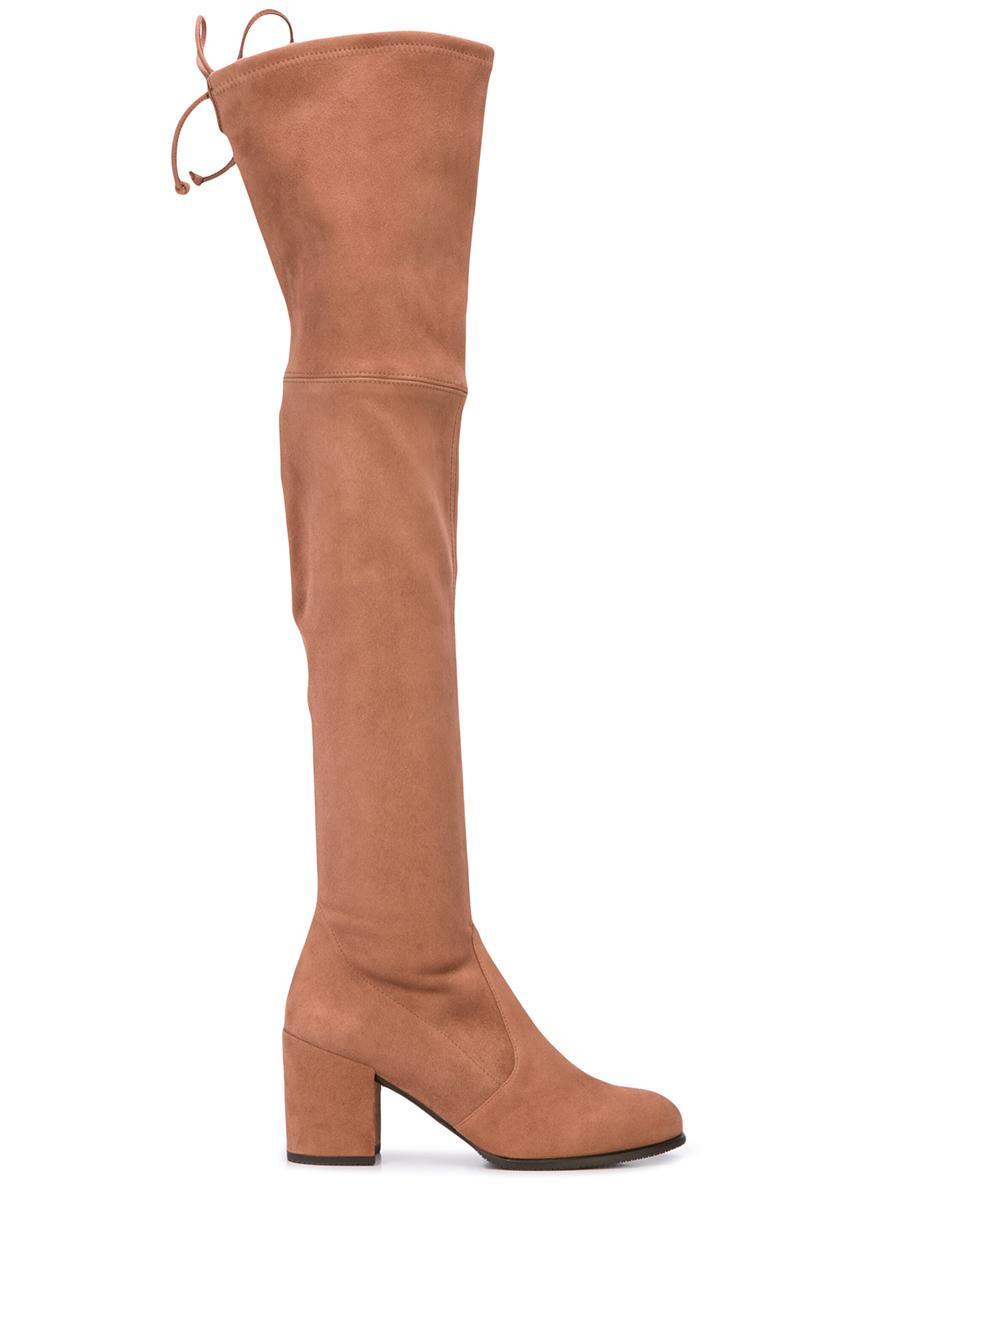 Otk Suede Stretch 65 Mm Block Heel Boots Item # TIELAND